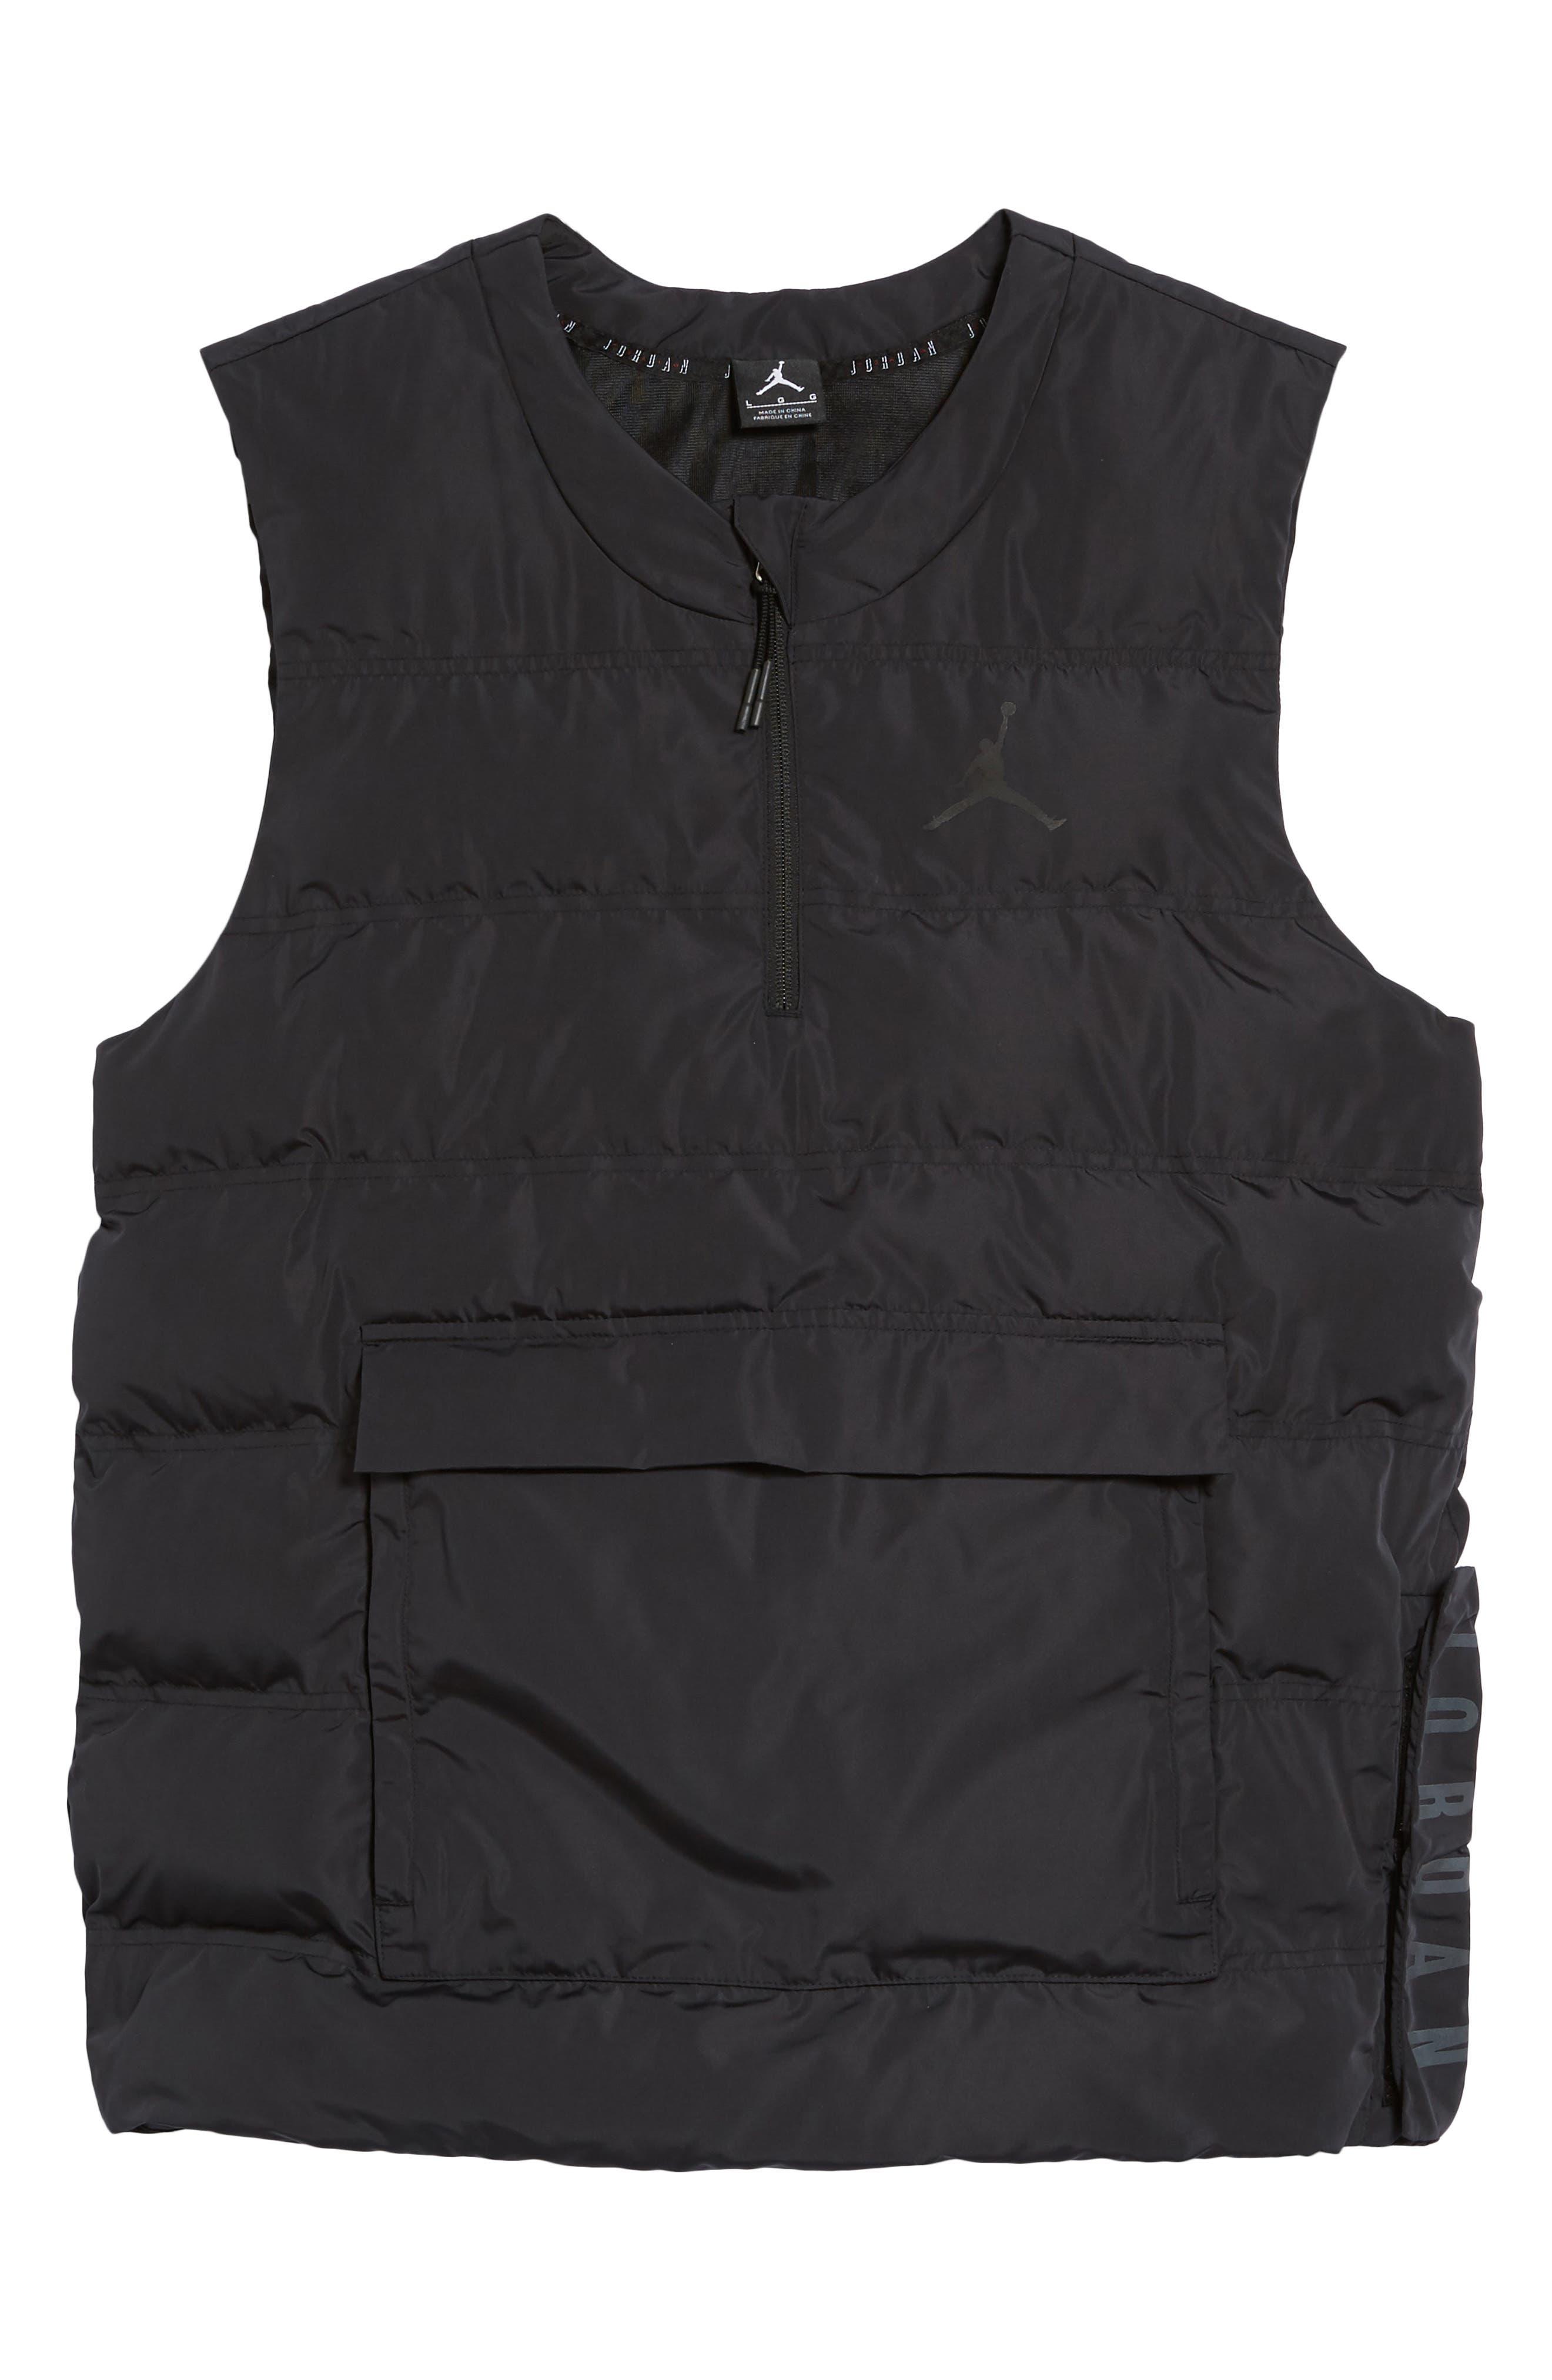 23 Tech Vest,                             Alternate thumbnail 5, color,